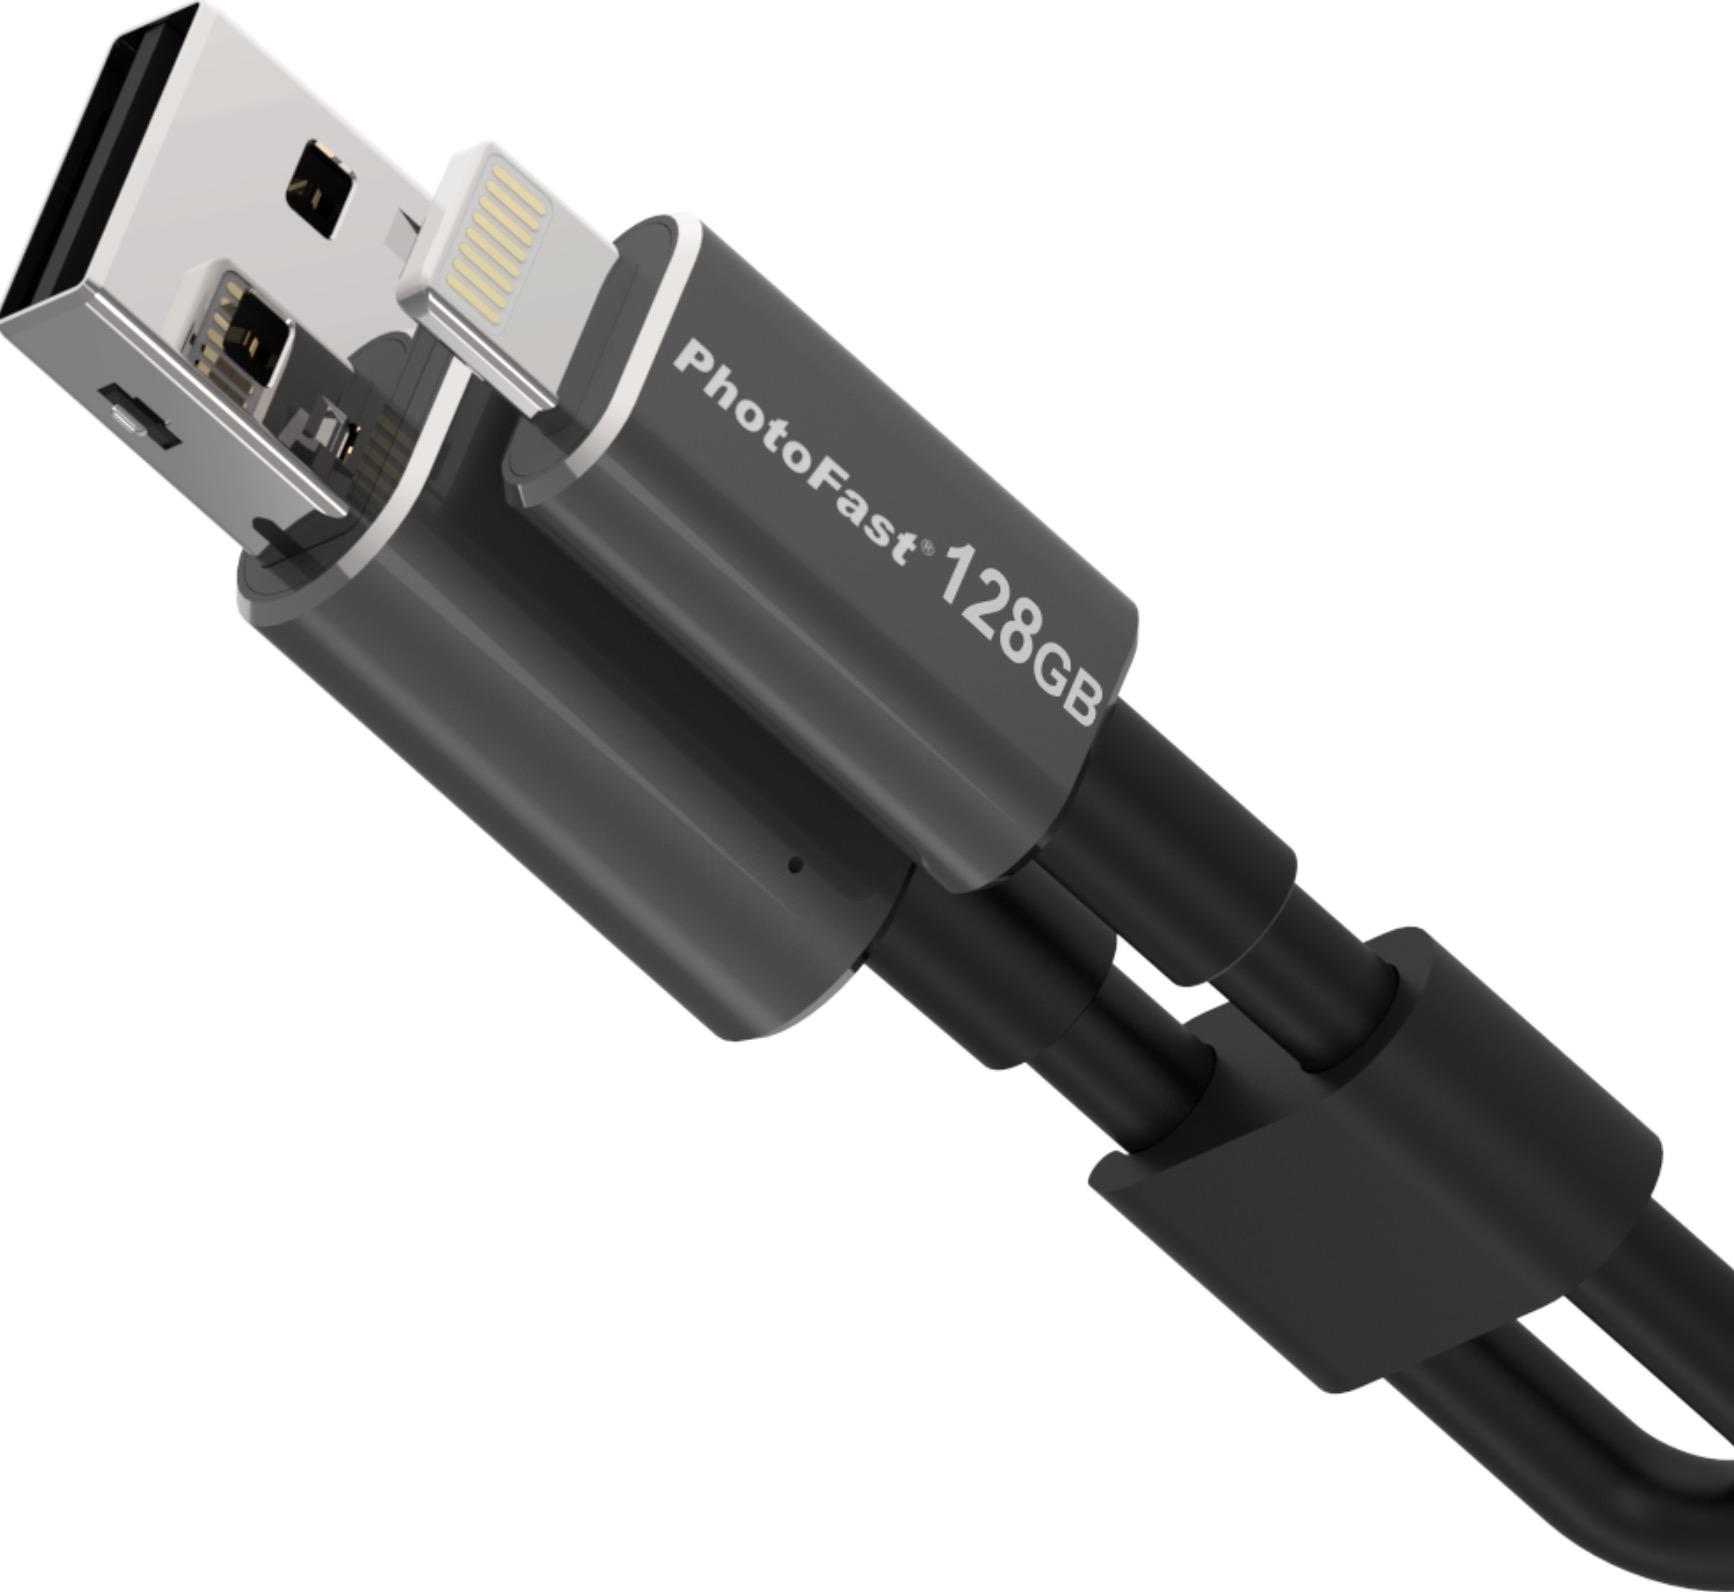 MemoryCable, il cavo Lightning che aggiunge fino a 128 GB di spazio ad iPhone e iPad - Macitynet.it